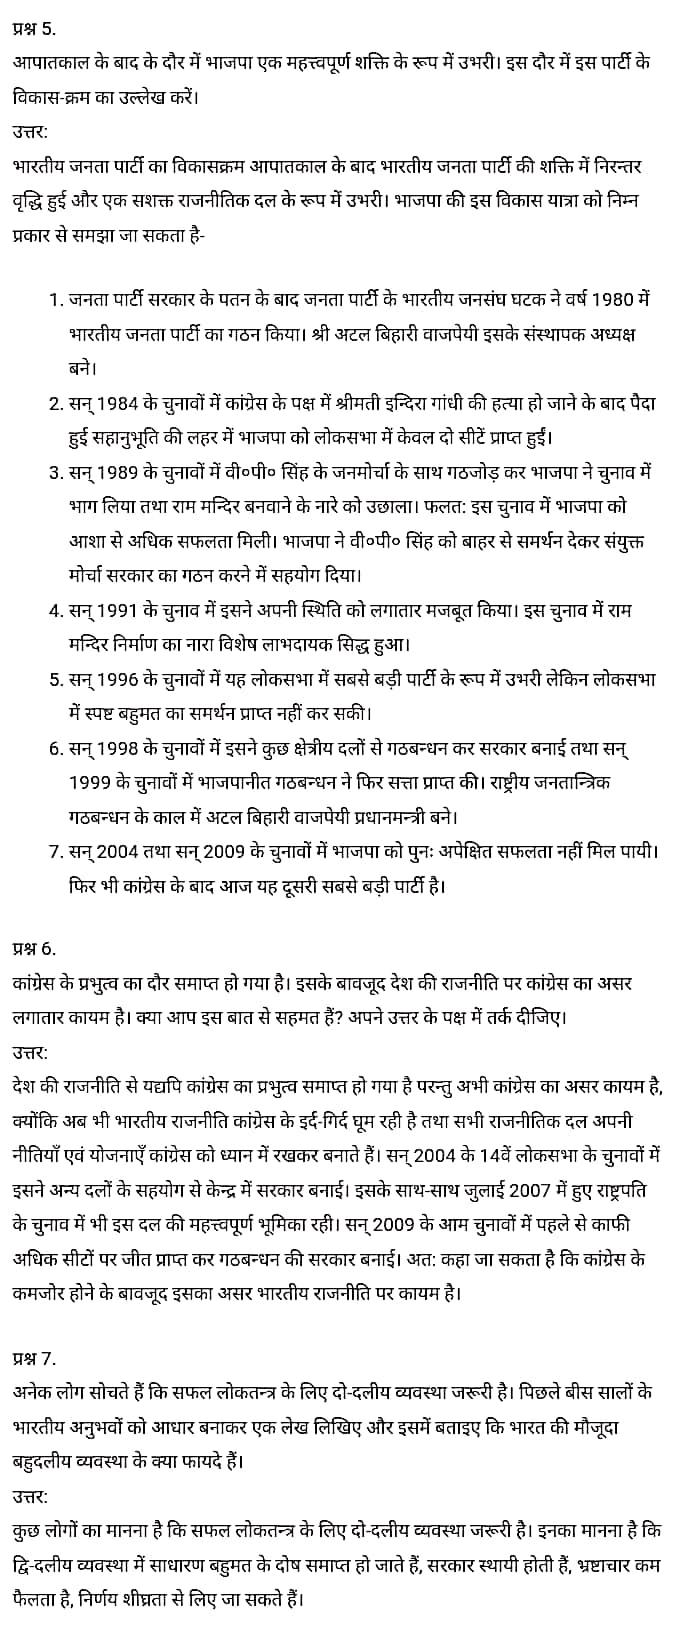 Class 12 Civics Chapter 9,Recent Developments in Indian Politics, (भारतीय राजनीति : नए बदलाव),  सिविक्स कक्षा 12 नोट्स pdf,  सिविक्स कक्षा 12 नोट्स 2020 NCERT,  सिविक्स कक्षा 12 PDF,  सिविक्स पुस्तक,  सिविक्स की बुक,  सिविक्स प्रश्नोत्तरी Class 12, 12 वीं सिविक्स पुस्तक RBSE,  बिहार बोर्ड 12 वीं सिविक्स नोट्स,   12th Civics book in hindi,12th Civics notes in hindi,cbse books for class 12,cbse books in hindi,cbse ncert books,class 12 Civics notes in hindi,class 12 hindi ncert solutions,Civics 2020,Civics 2021,Civics 2022,Civics book class 12,Civics book in hindi,Civics class 12 in hindi,Civics notes for class 12 up board in hindi,ncert all books,ncert app in hindi,ncert book solution,ncert books class 10,ncert books class 12,ncert books for class 7,ncert books for upsc in hindi,ncert books in hindi class 10,ncert books in hindi for class 12 Civics,ncert books in hindi for class 6,ncert books in hindi pdf,ncert class 12 hindi book,ncert english book,ncert Civics book in hindi,ncert Civics books in hindi pdf,ncert Civics class 12,ncert in hindi,old ncert books in hindi,online ncert books in hindi,up board 12th,up board 12th syllabus,up board class 10 hindi book,up board class 12 books,up board class 12 new syllabus,up Board Civics 2020,up Board Civics 2021,up Board Civics 2022,up Board Civics 2023,up board intermediate Civics syllabus,up board intermediate syllabus 2021,Up board Master 2021,up board model paper 2021,up board model paper all subject,up board new syllabus of class 12th Civics,up board paper 2021,Up board syllabus 2021,UP board syllabus 2022,  12 veen kee siviks kee kitaab hindee mein, 12 veen kee siviks kee nots hindee mein, 12 veen kaksha kee seebeeesasee kee kitaaben, hindee kee seebeeesasee kee kitaaben, seebeeesasee kee enaseeaaratee kee kitaaben, 12 kee kaksha kee siviks kee nots hindee mein, 12 veen kee kaksha kee hindee kee nats kee solvaints, 2020 kee siviks kee 2020, siviks kee 2022, sivik kee seeviks buk klaas 12, siviks buk in hindee, sivik kl